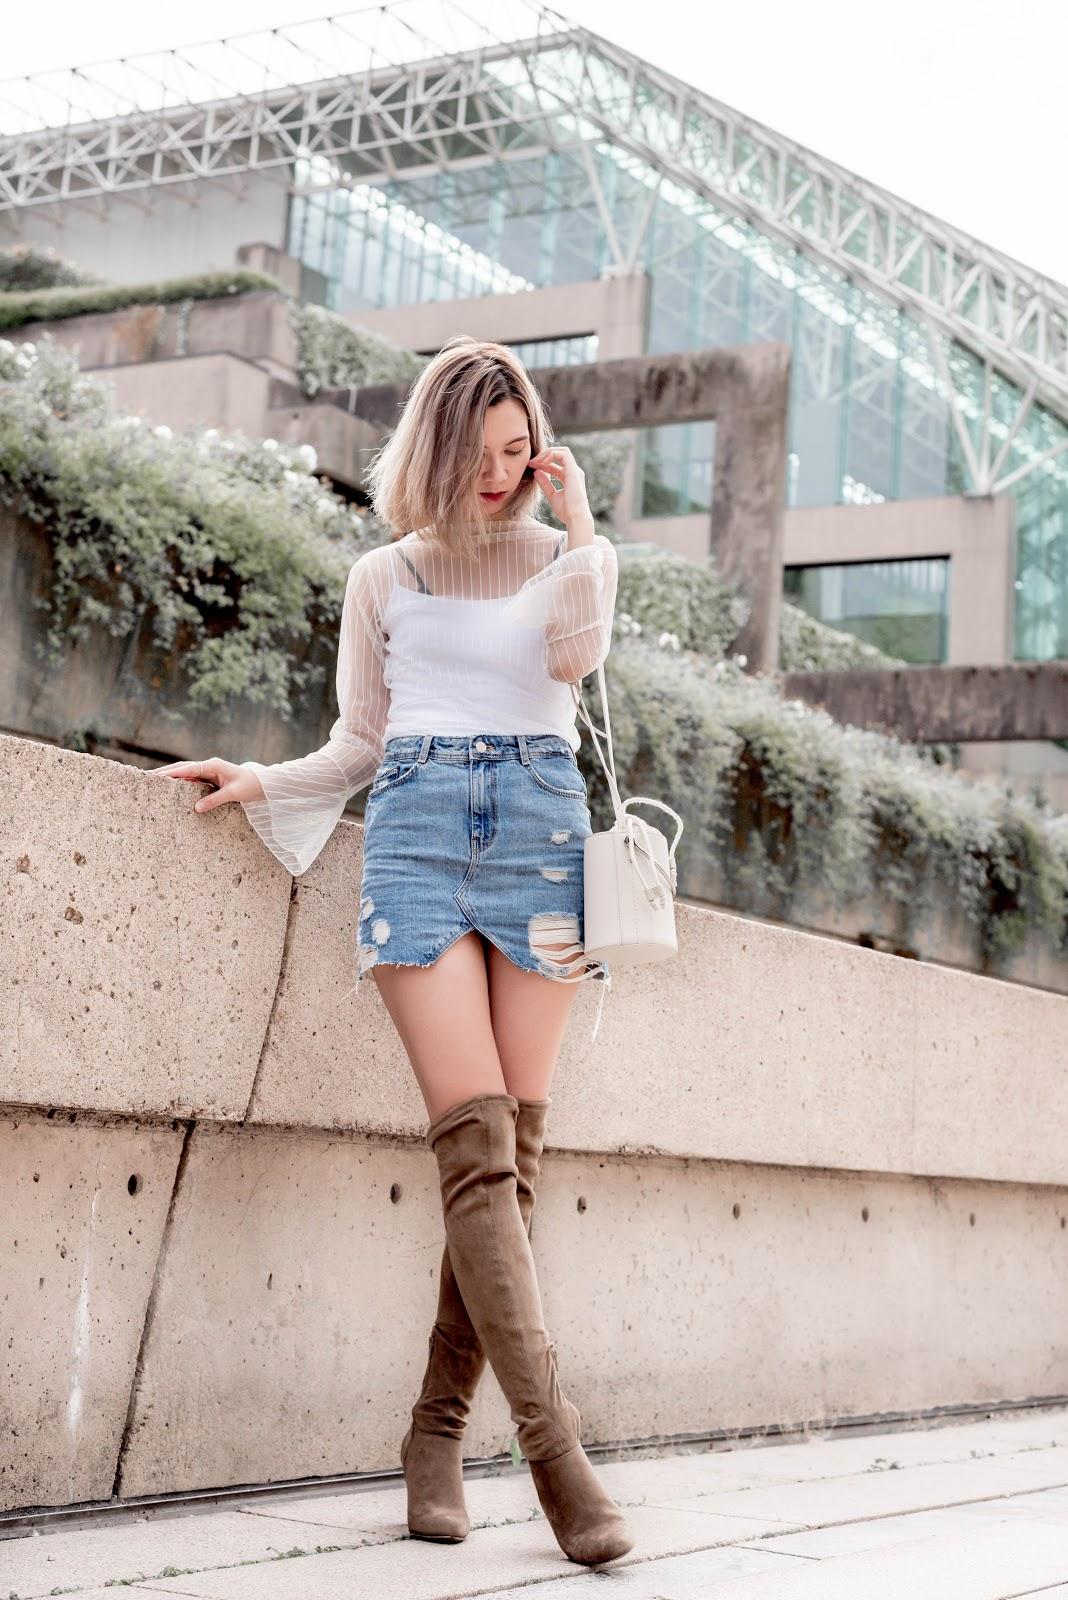 Oak and Fort, mesh top, denim skirt, bucket bag, stuart weitzman, over the knee boots, vancouver fashion, canadian fashion, fashion blogger,  fashion blog, zara